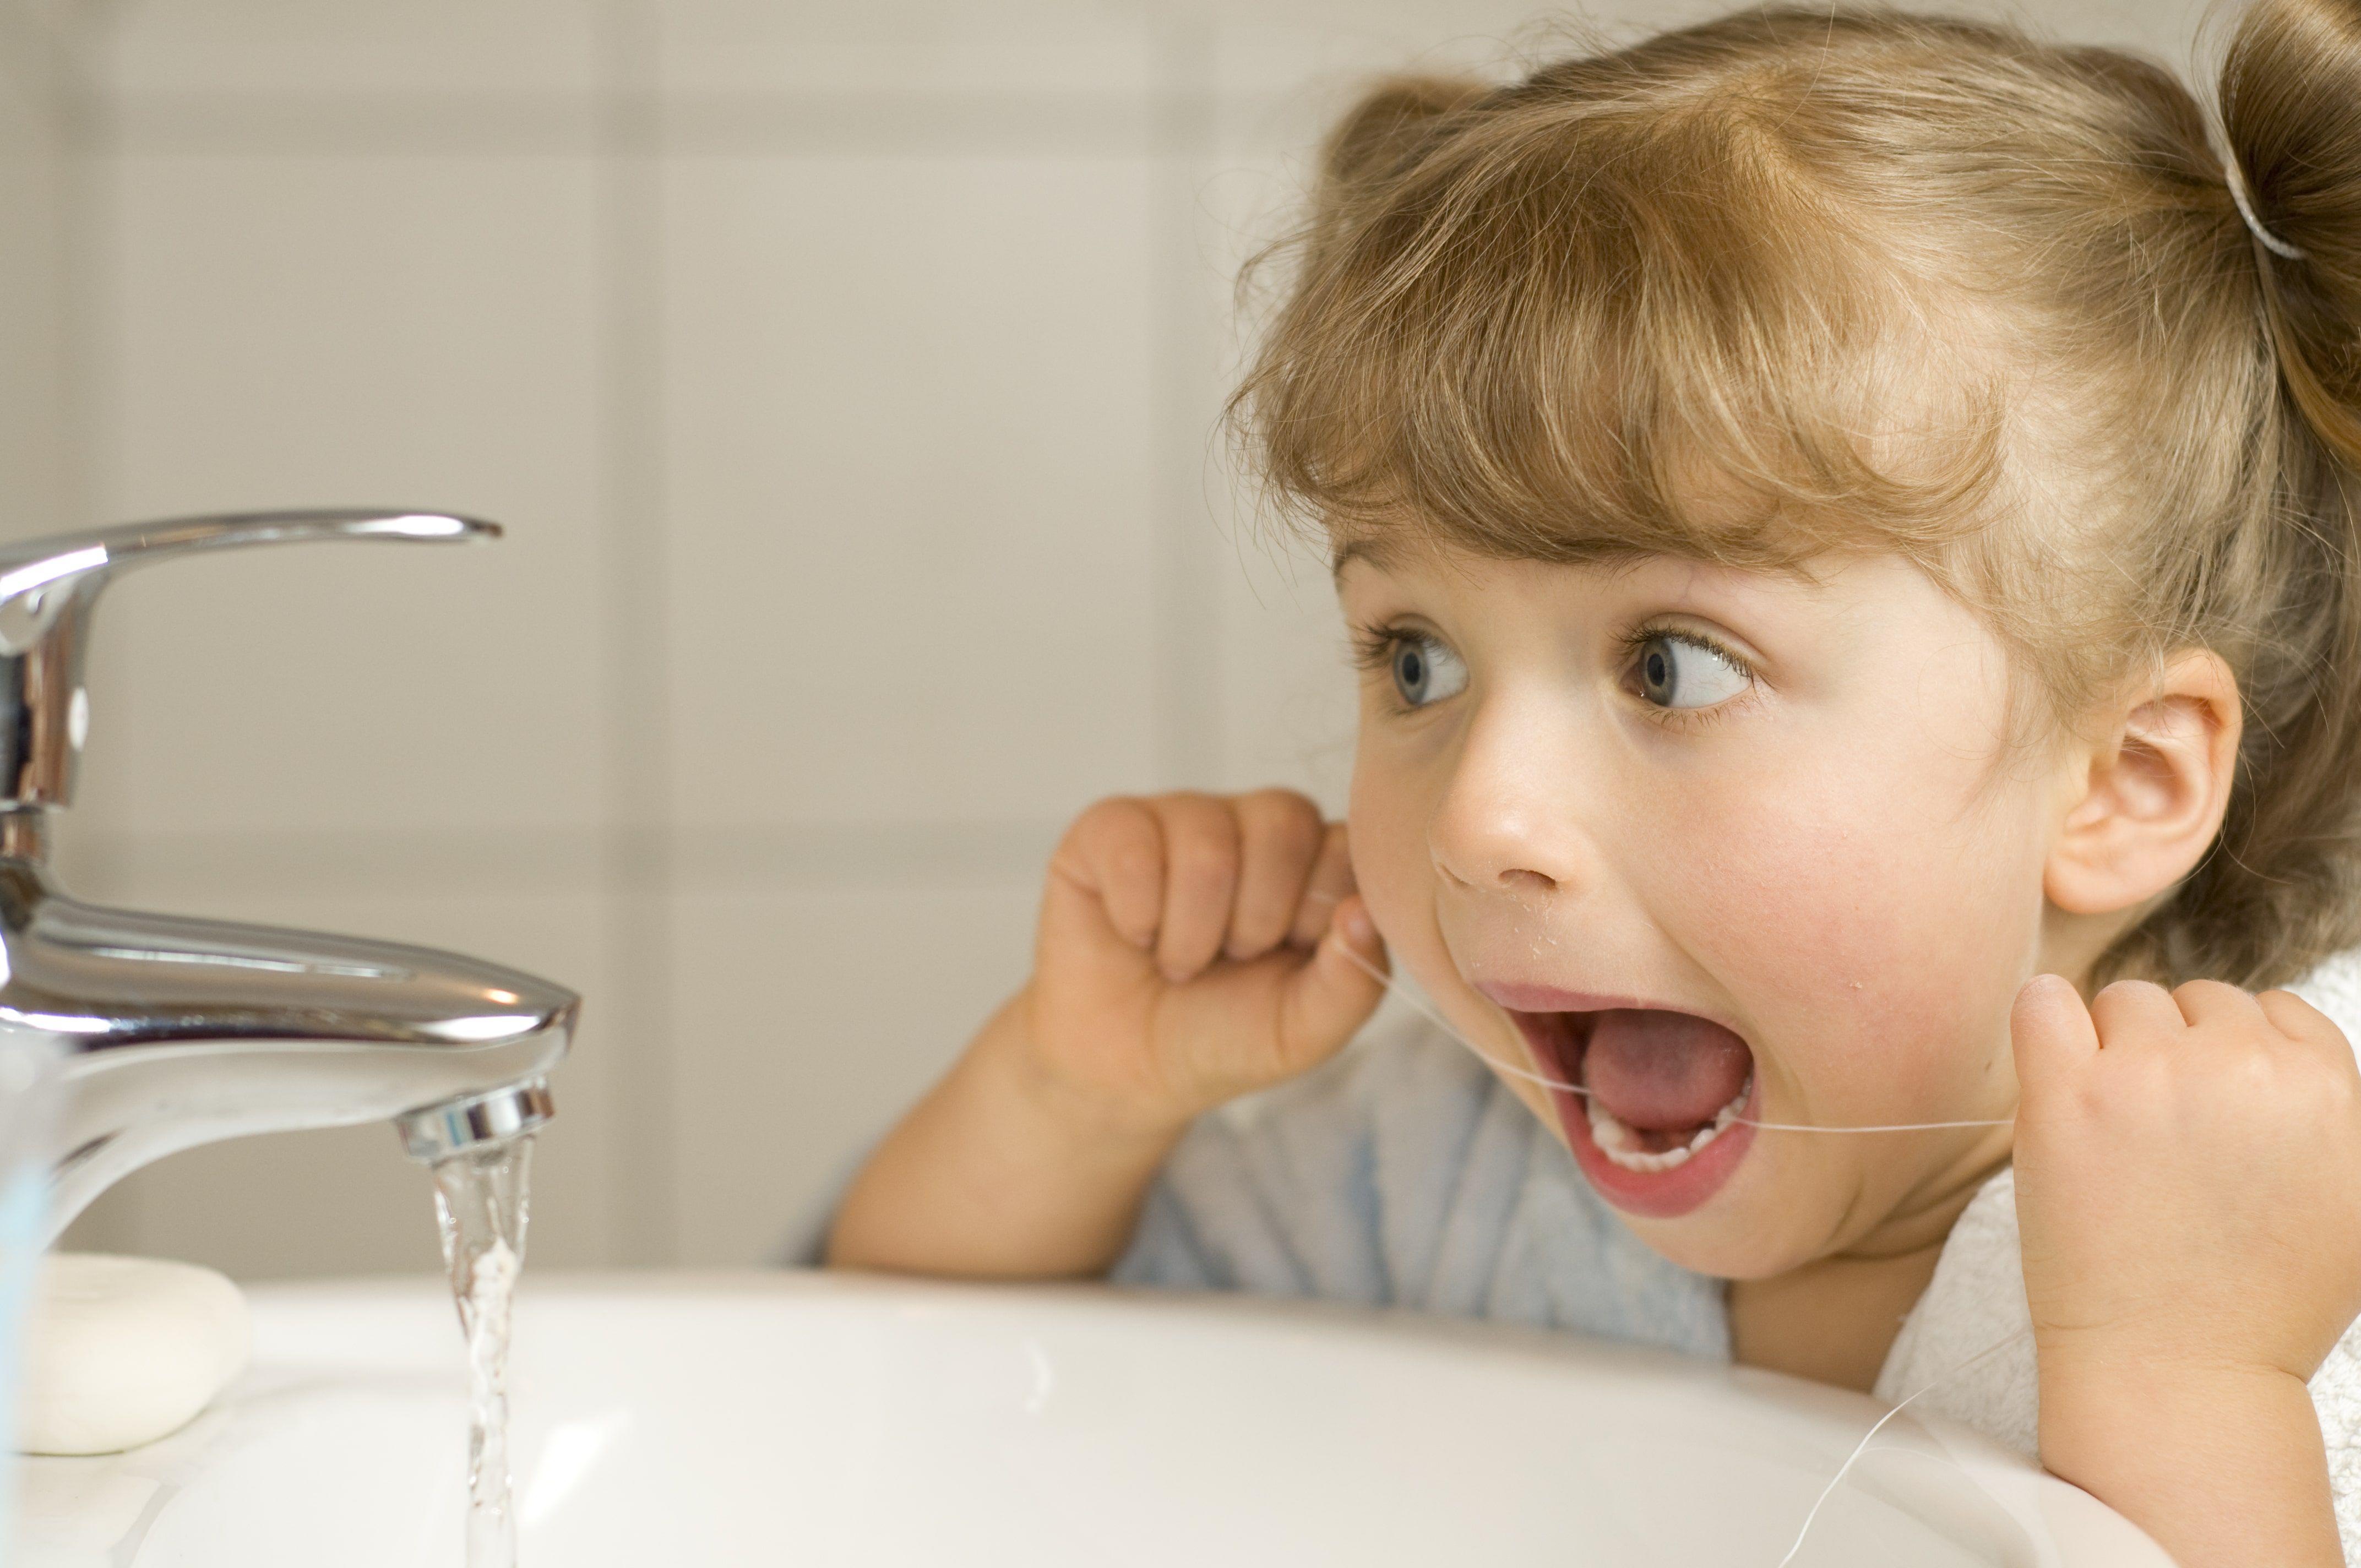 Cute girl cleaning teeth by floss in bathroom